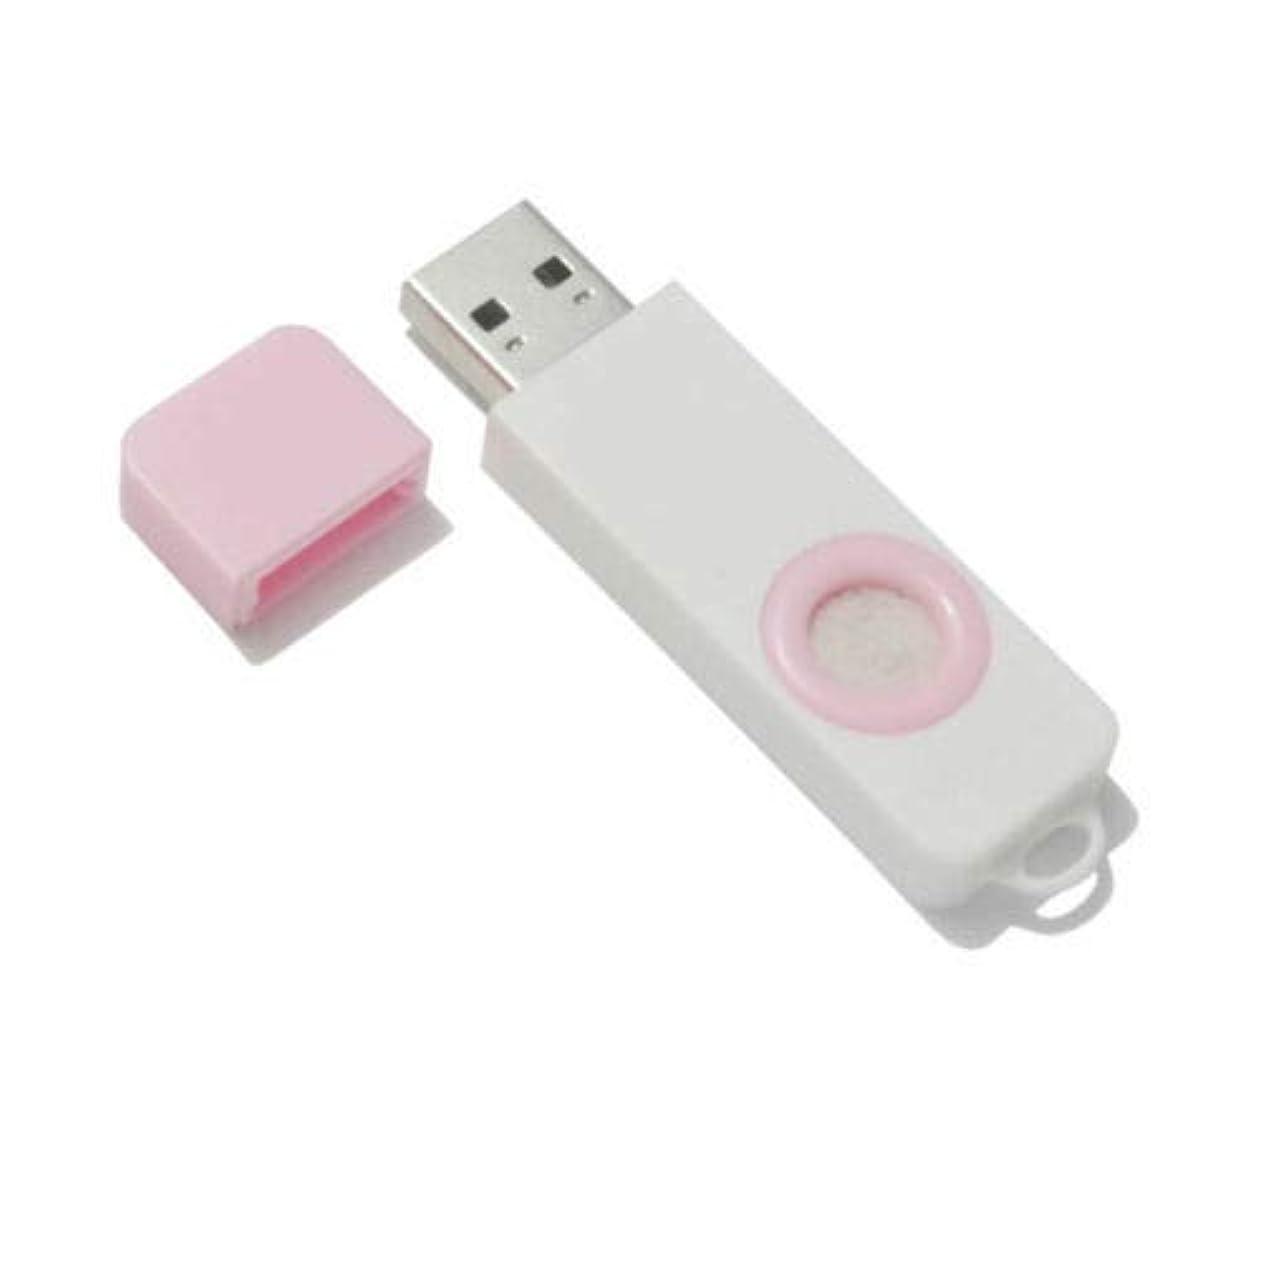 アイスクリームステンレス膨らませるFidgetGear Essential Oil Diffuser USB Port Air Freshener Office Home aromatherapy Pink